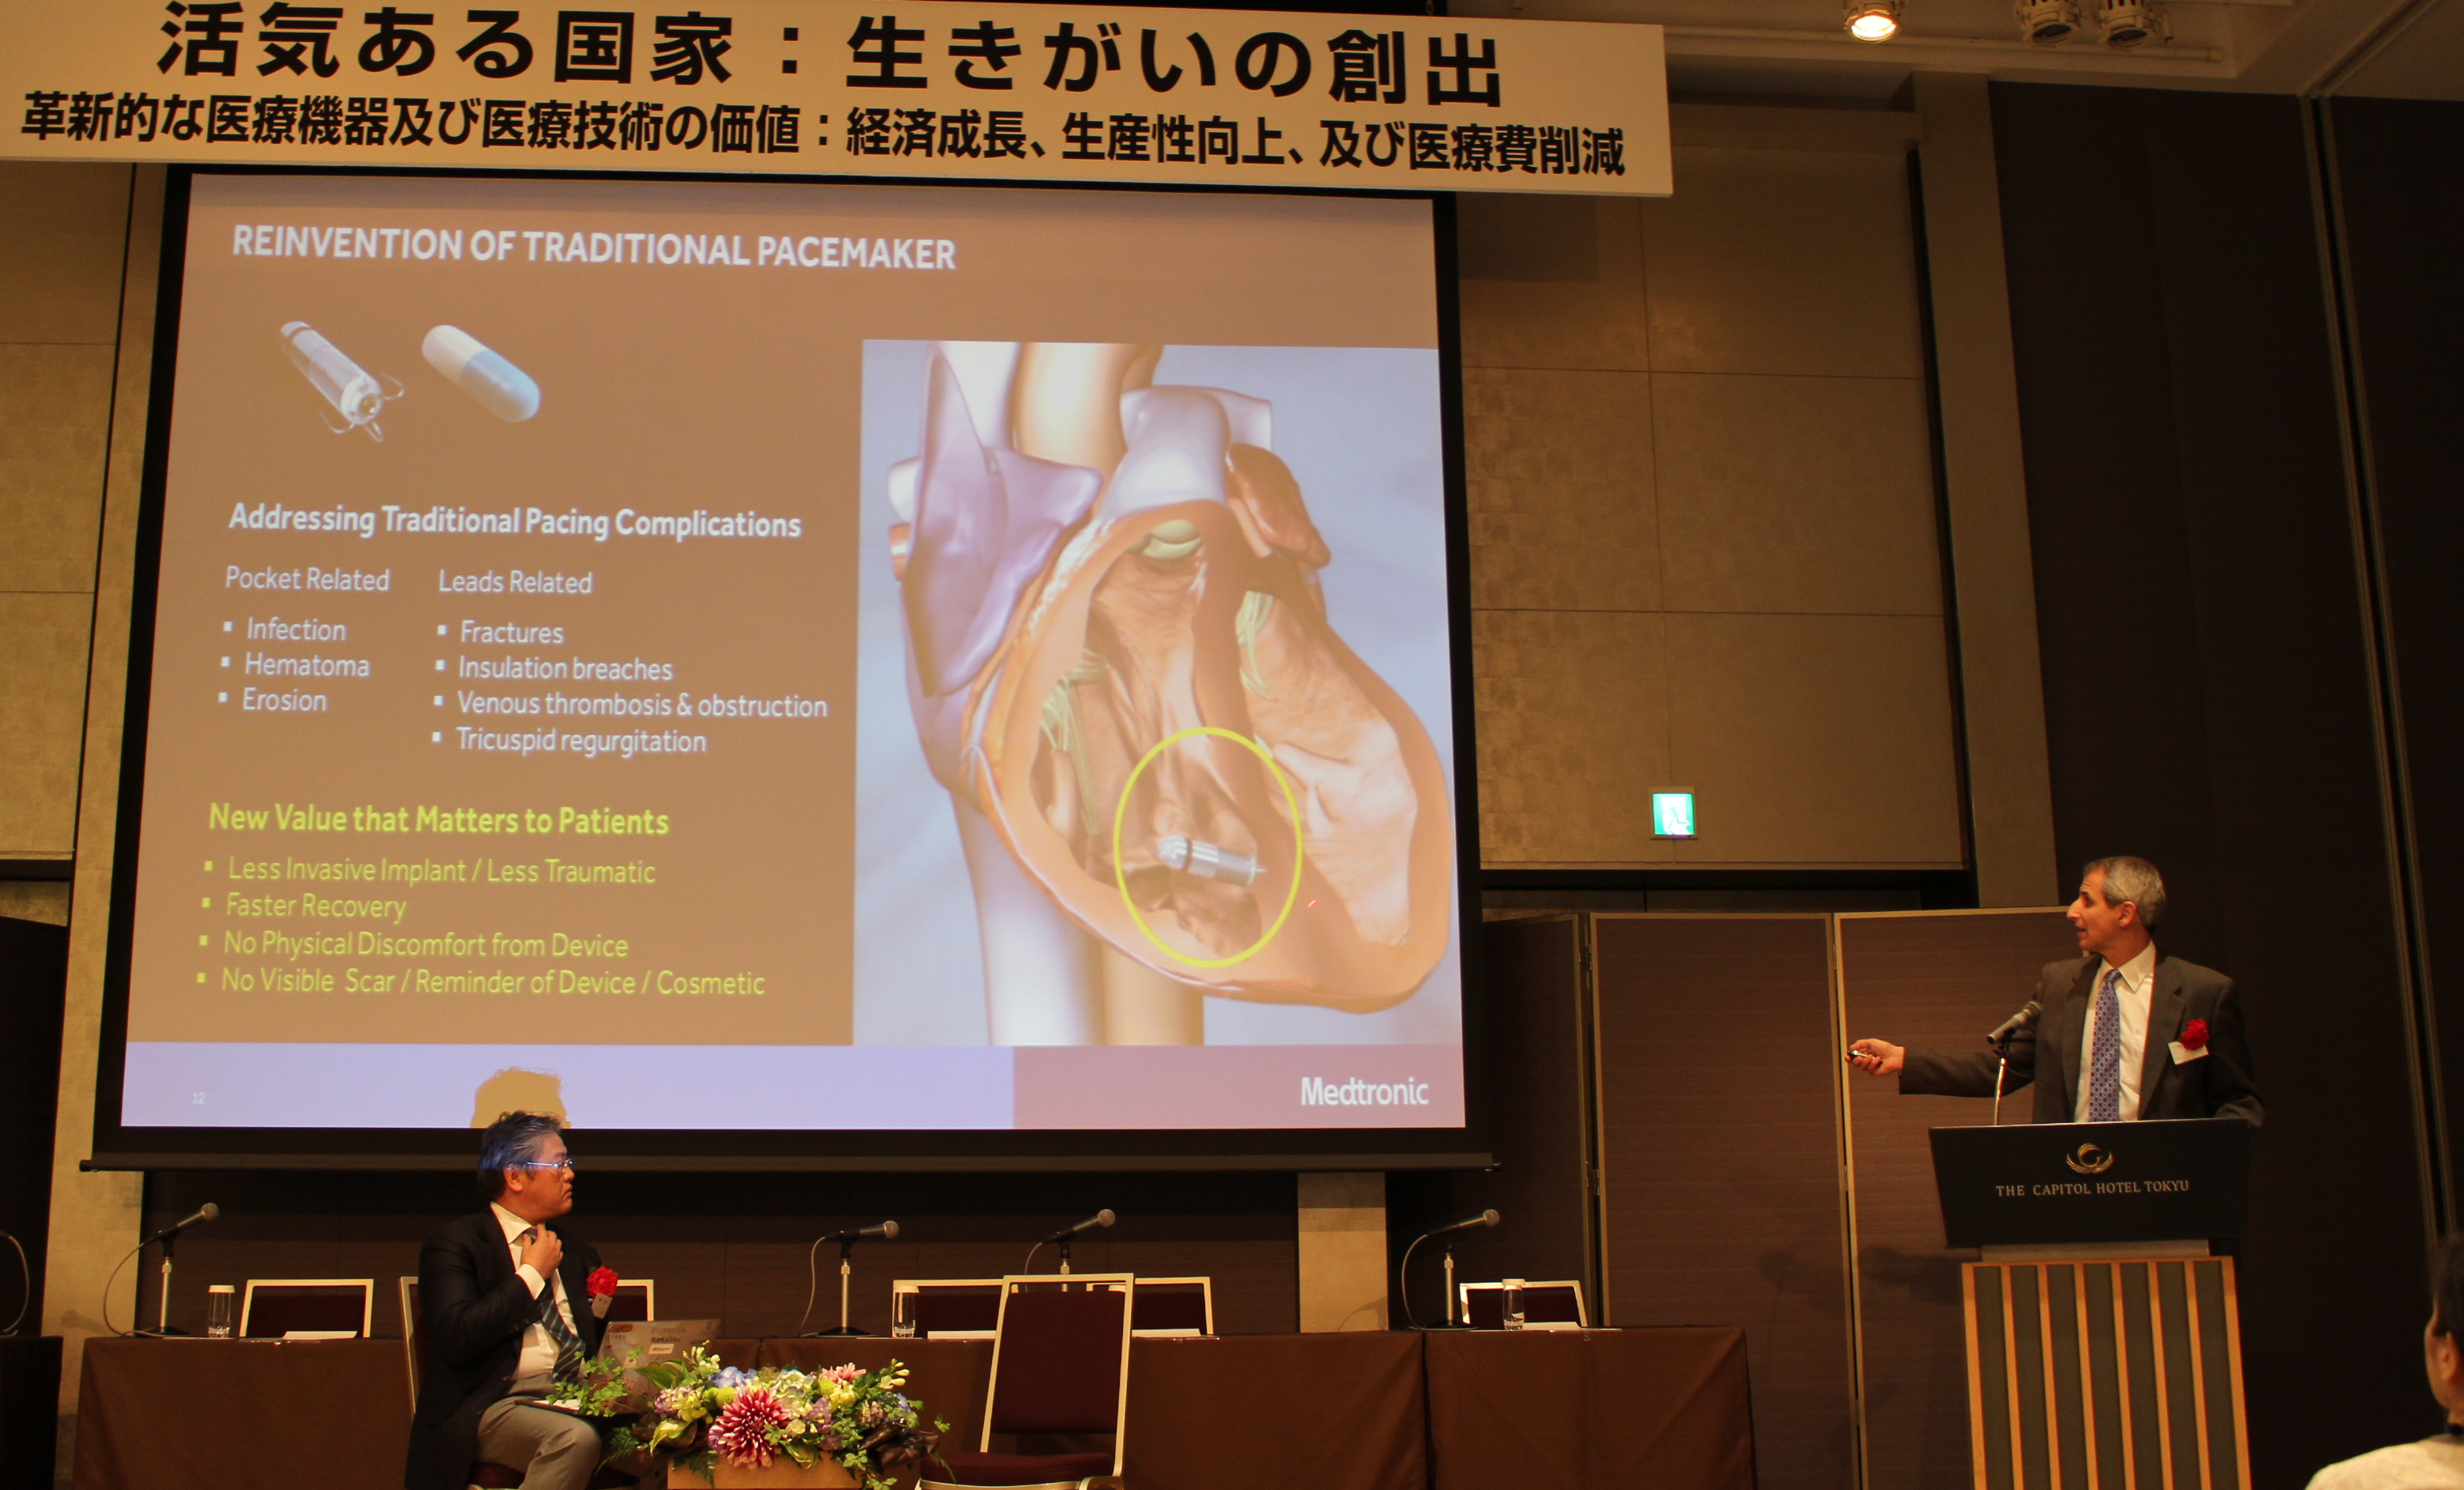 心臓ペースぺーカーの開発について話すロバート・コワル氏(壇上の左は池野文昭氏)